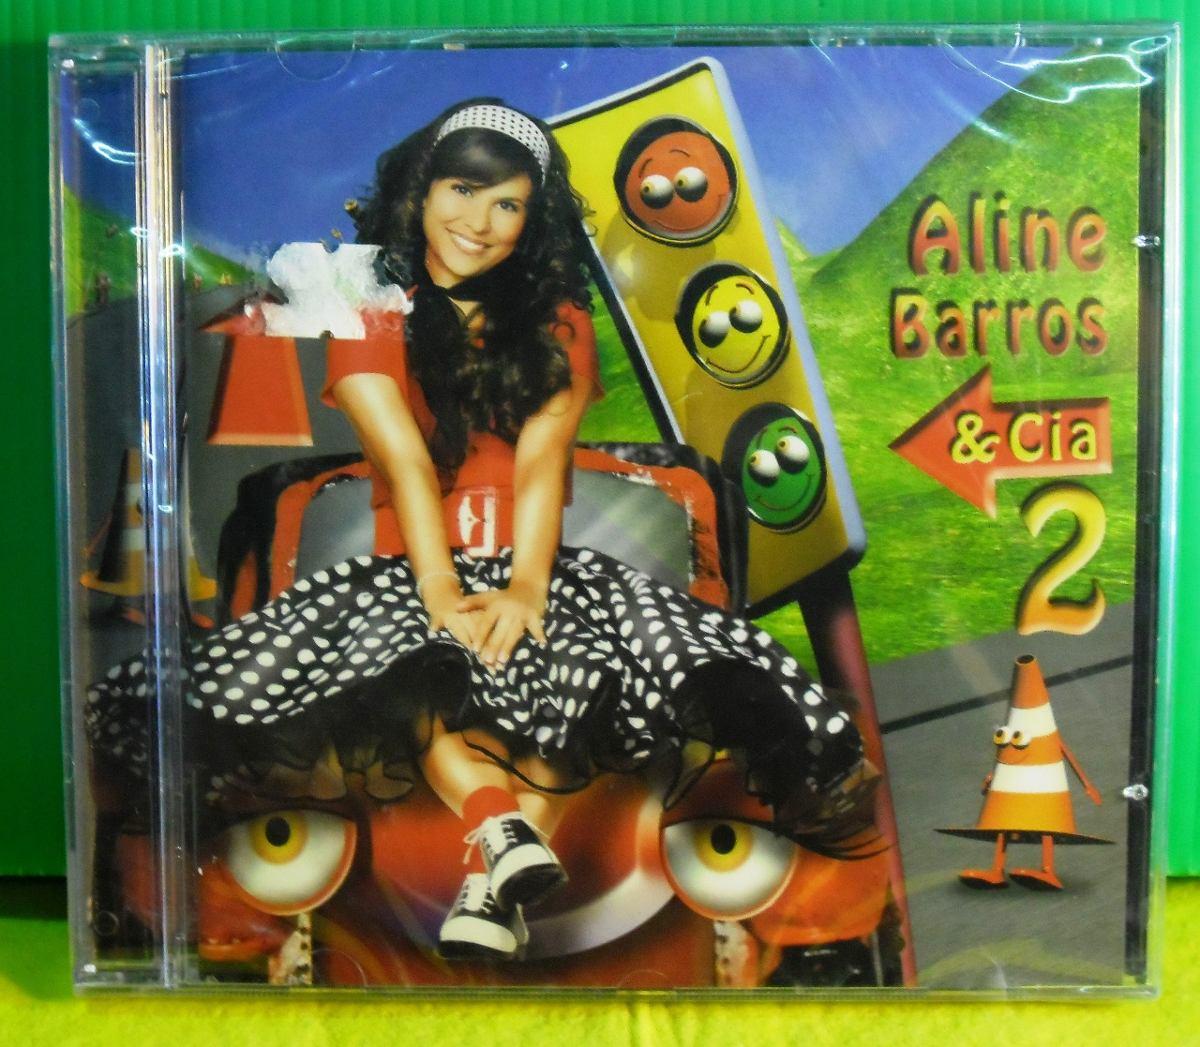 Aline Barros Aline Barros & Cia 2 aline barros e cia 2 - cd lacrado não xuxa eliane angelica